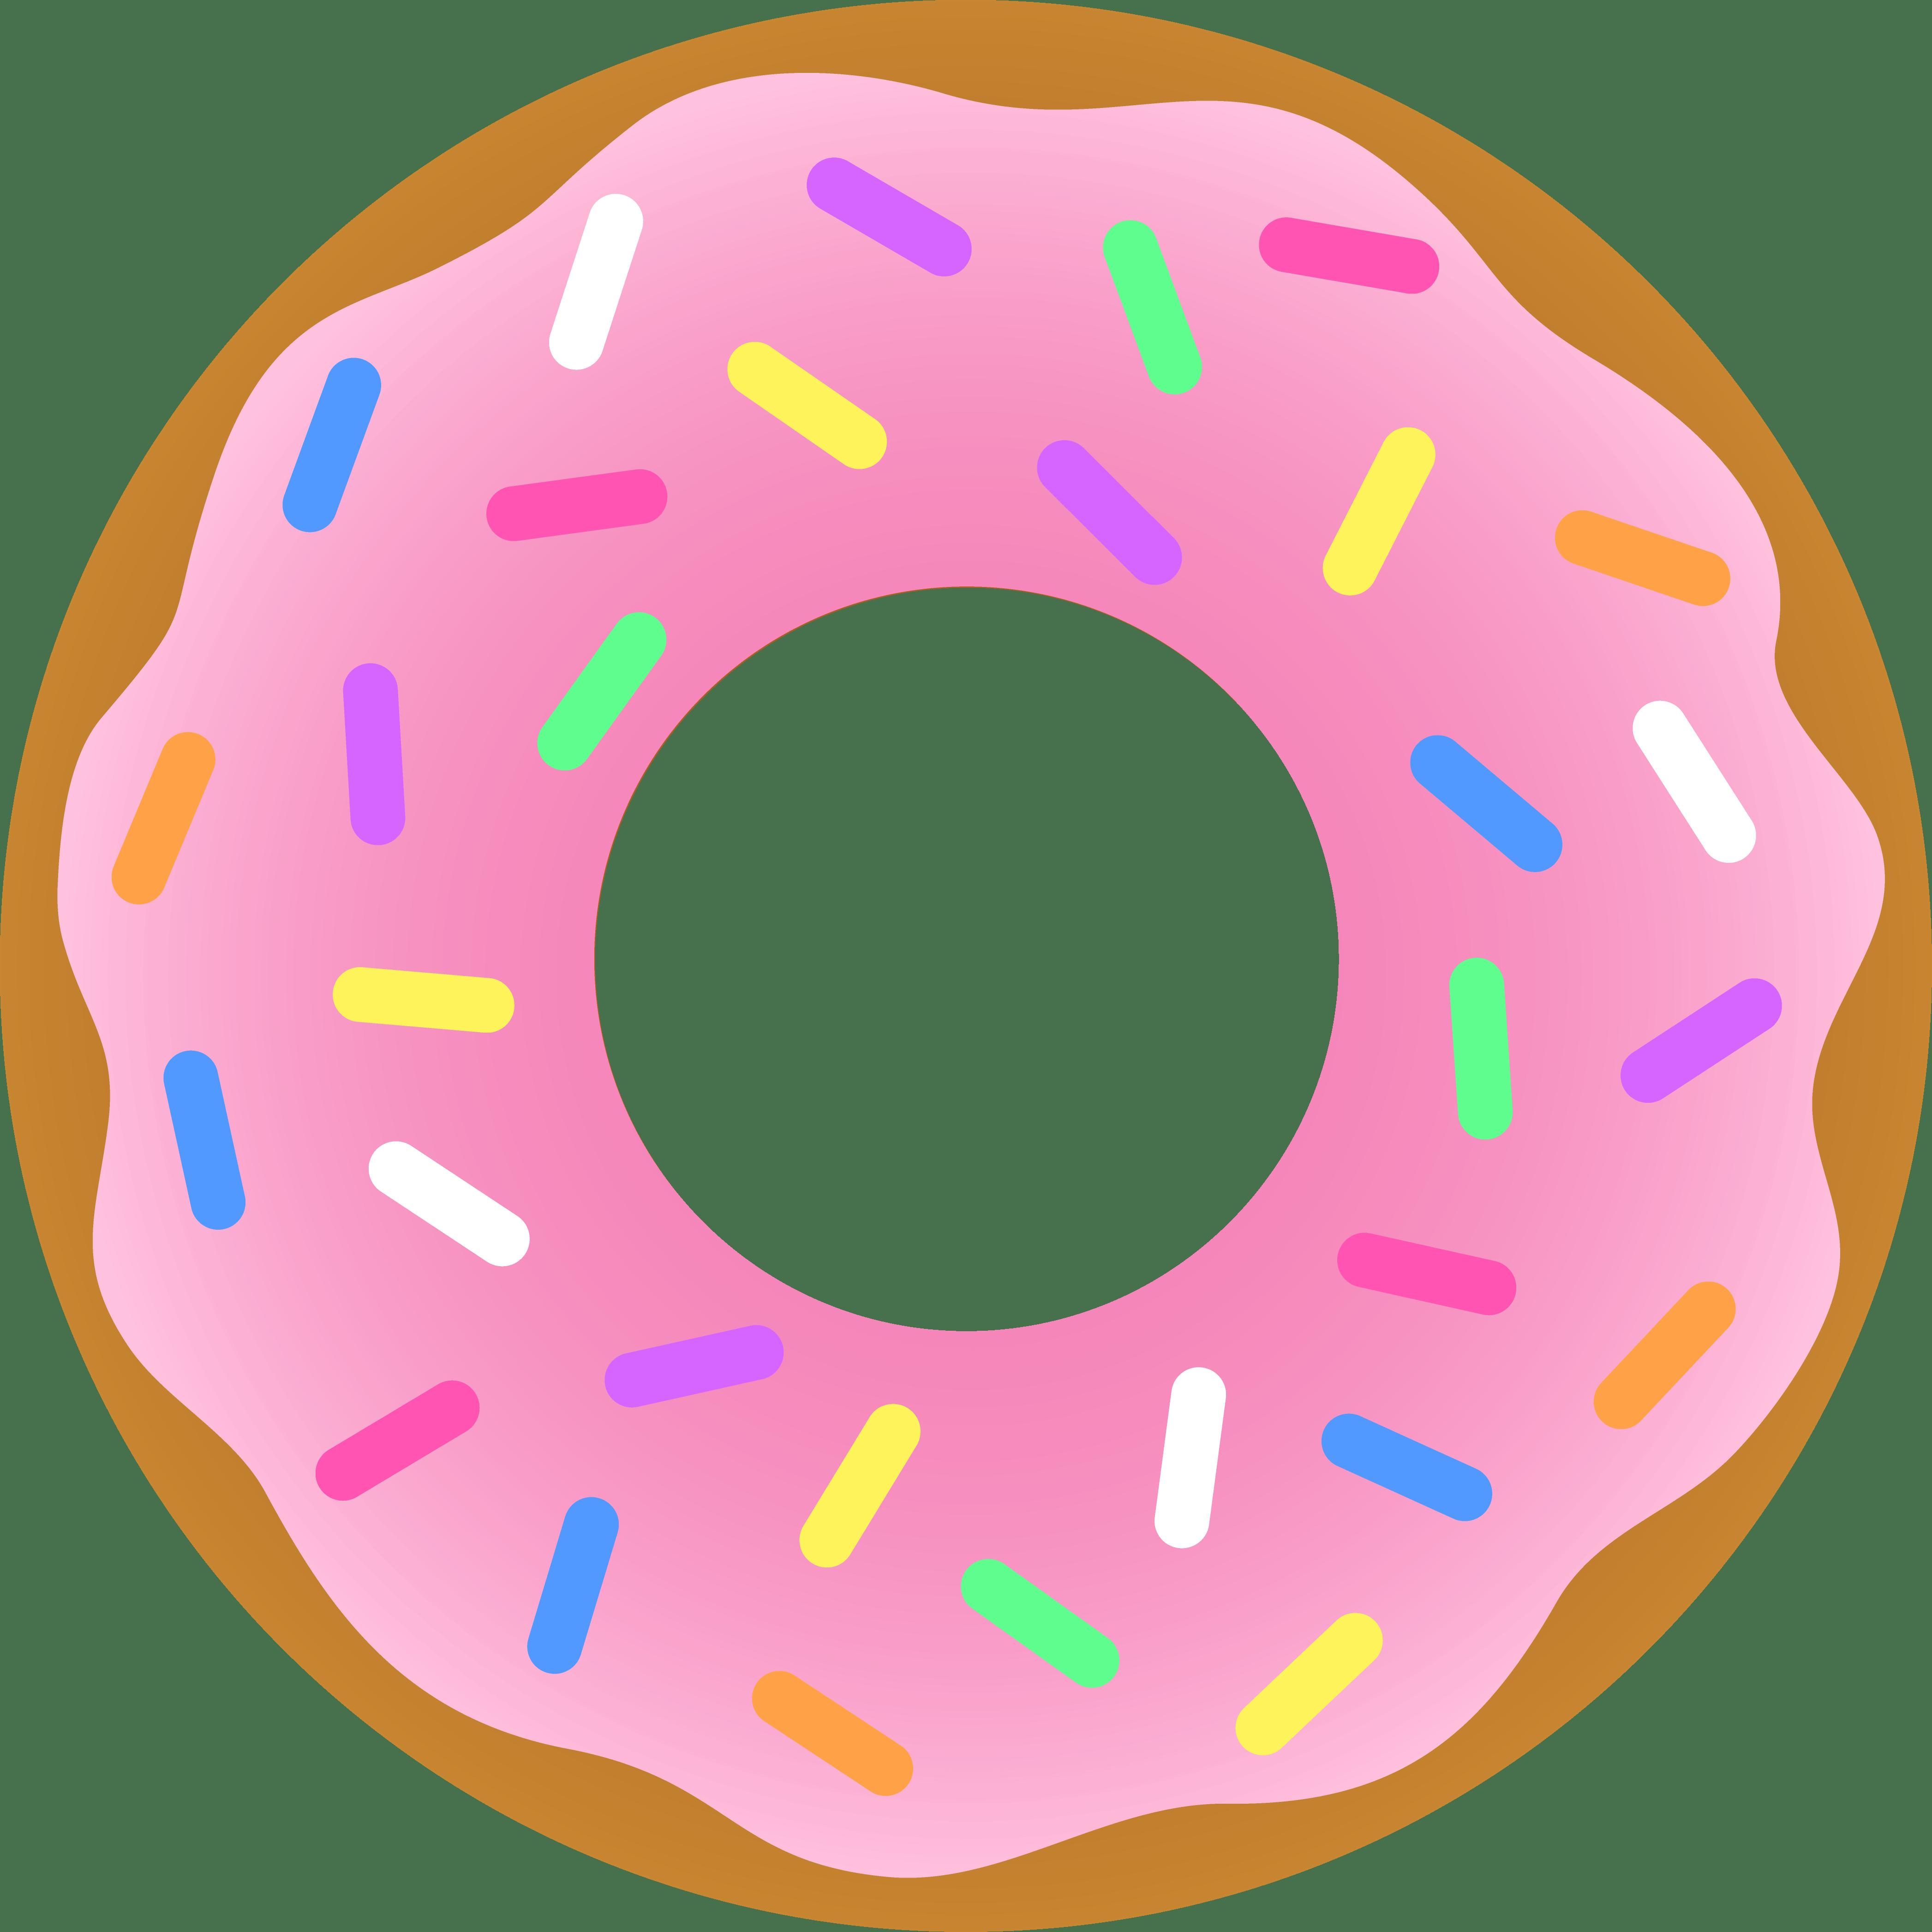 Donuts big donut